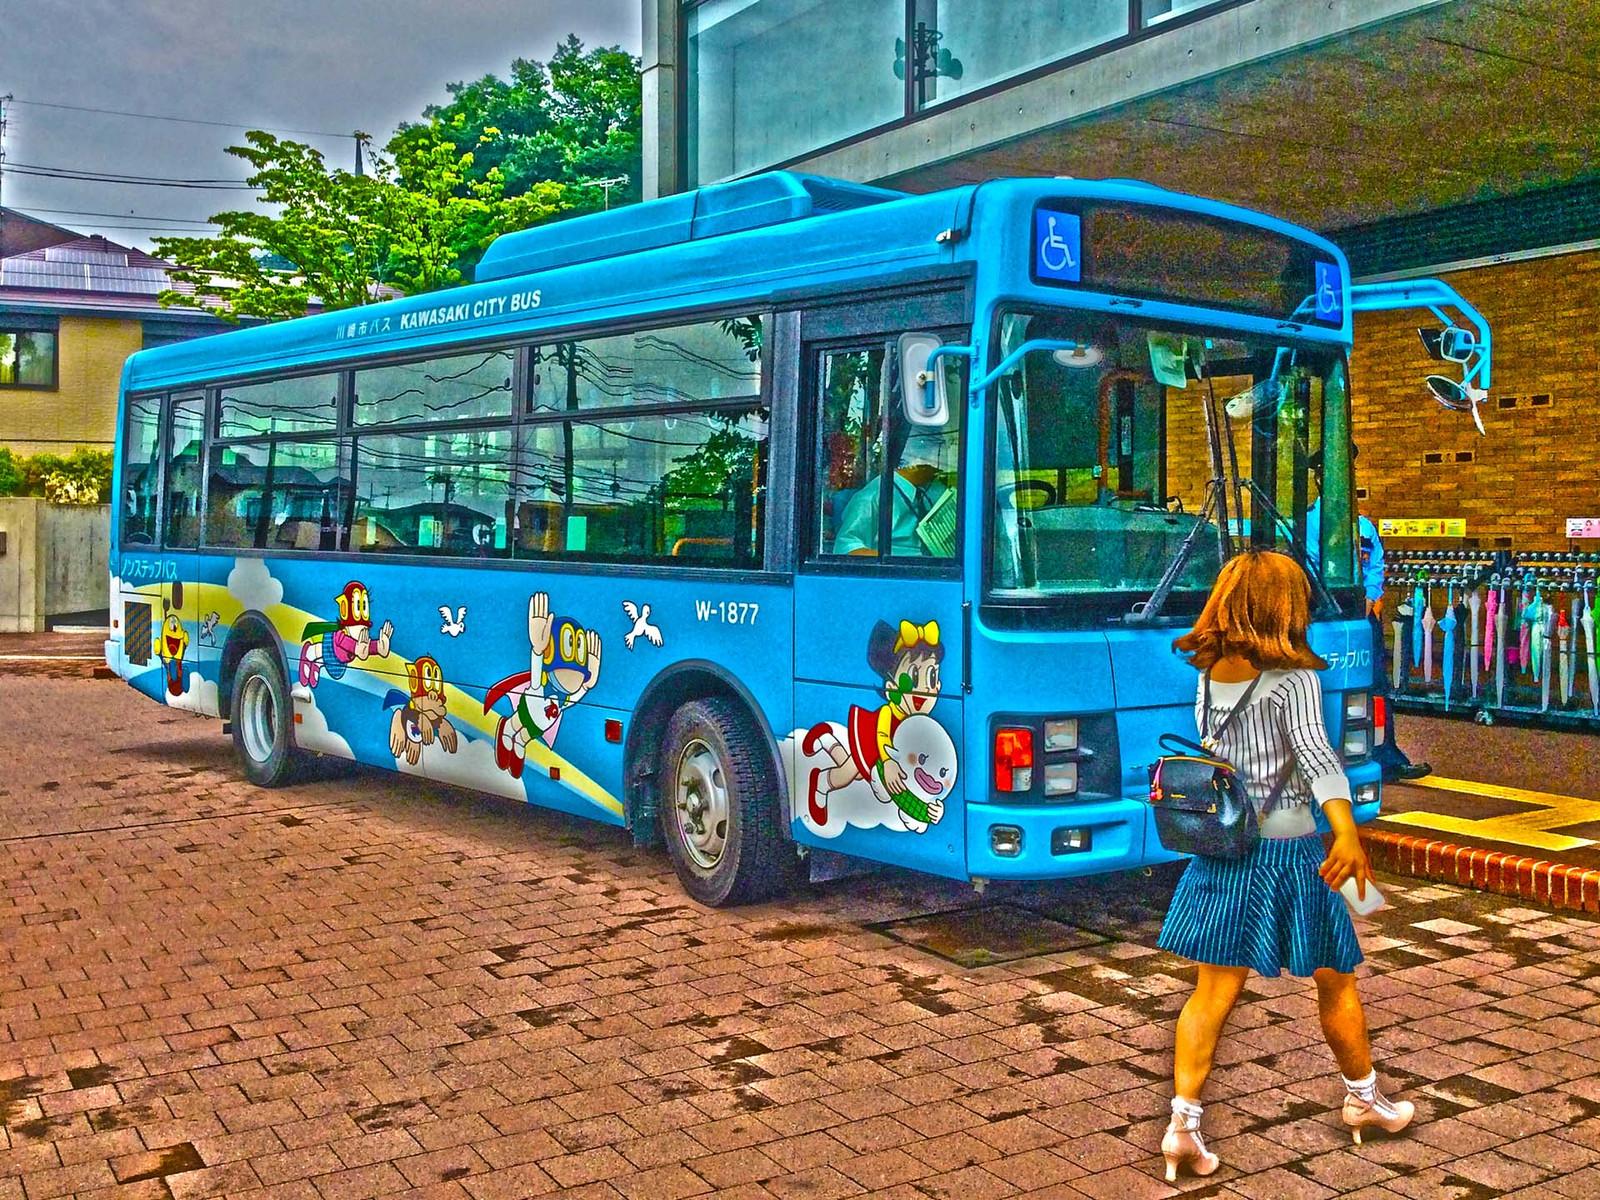 藤子・F・不二雄ミュージアム線 川崎市営バス